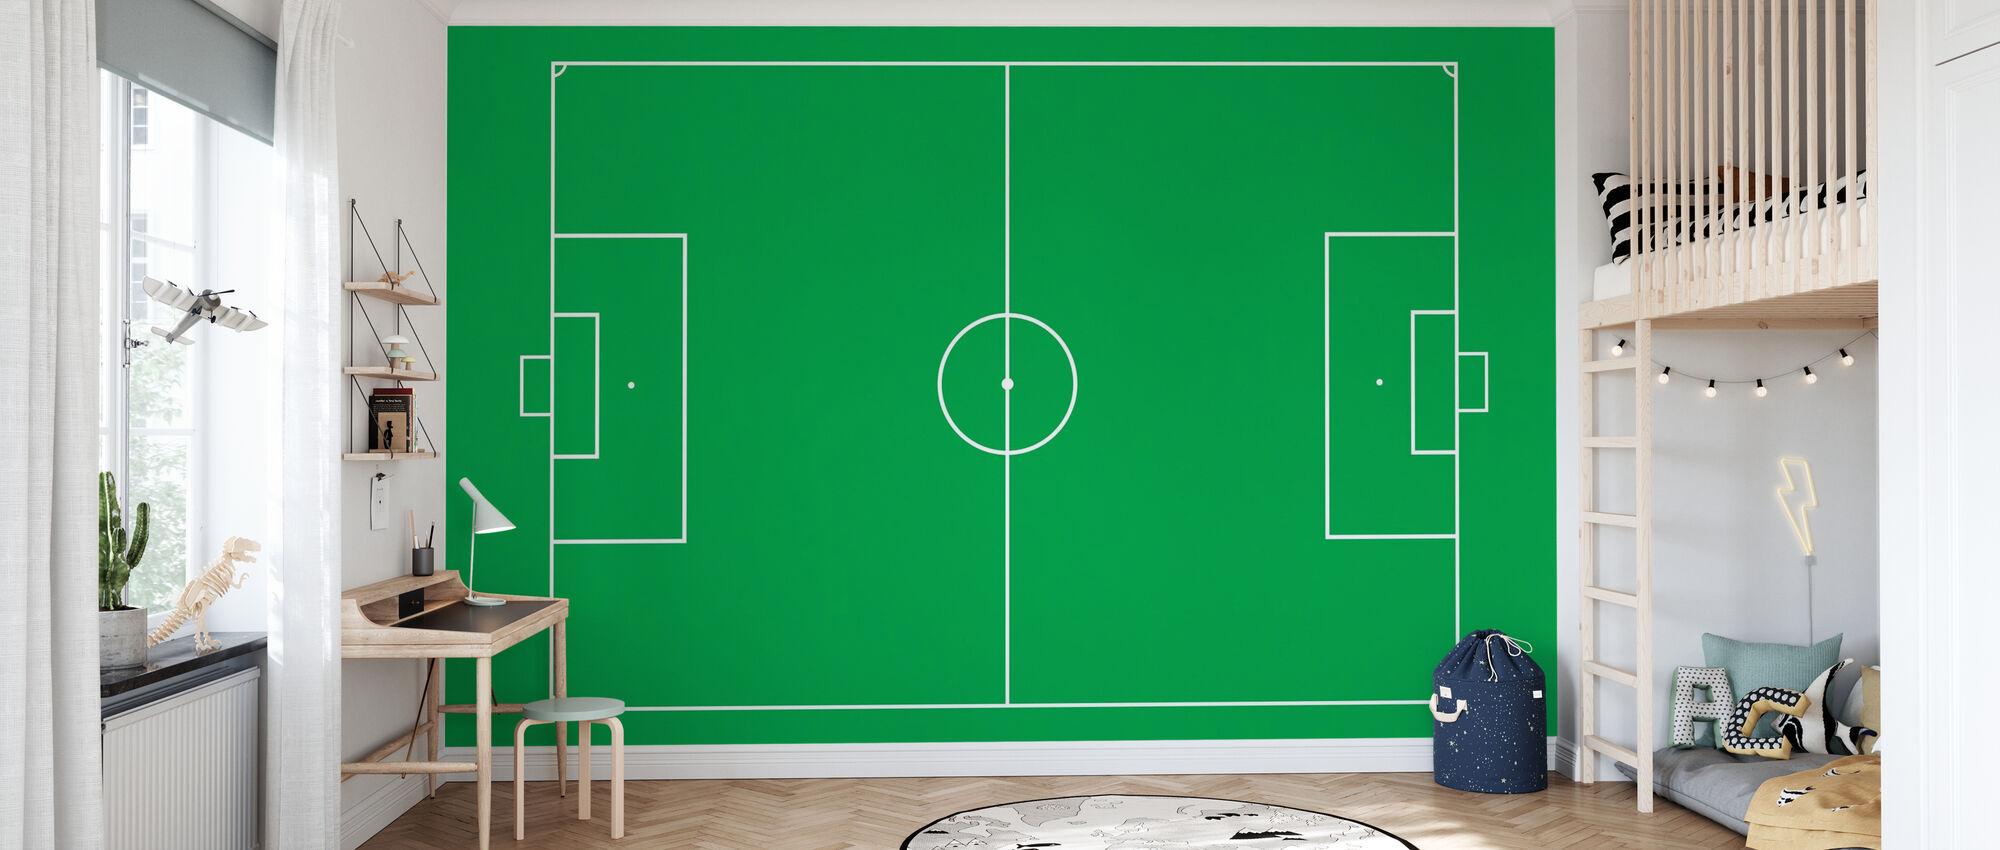 Voetbalveld - Behang - Kinderkamer